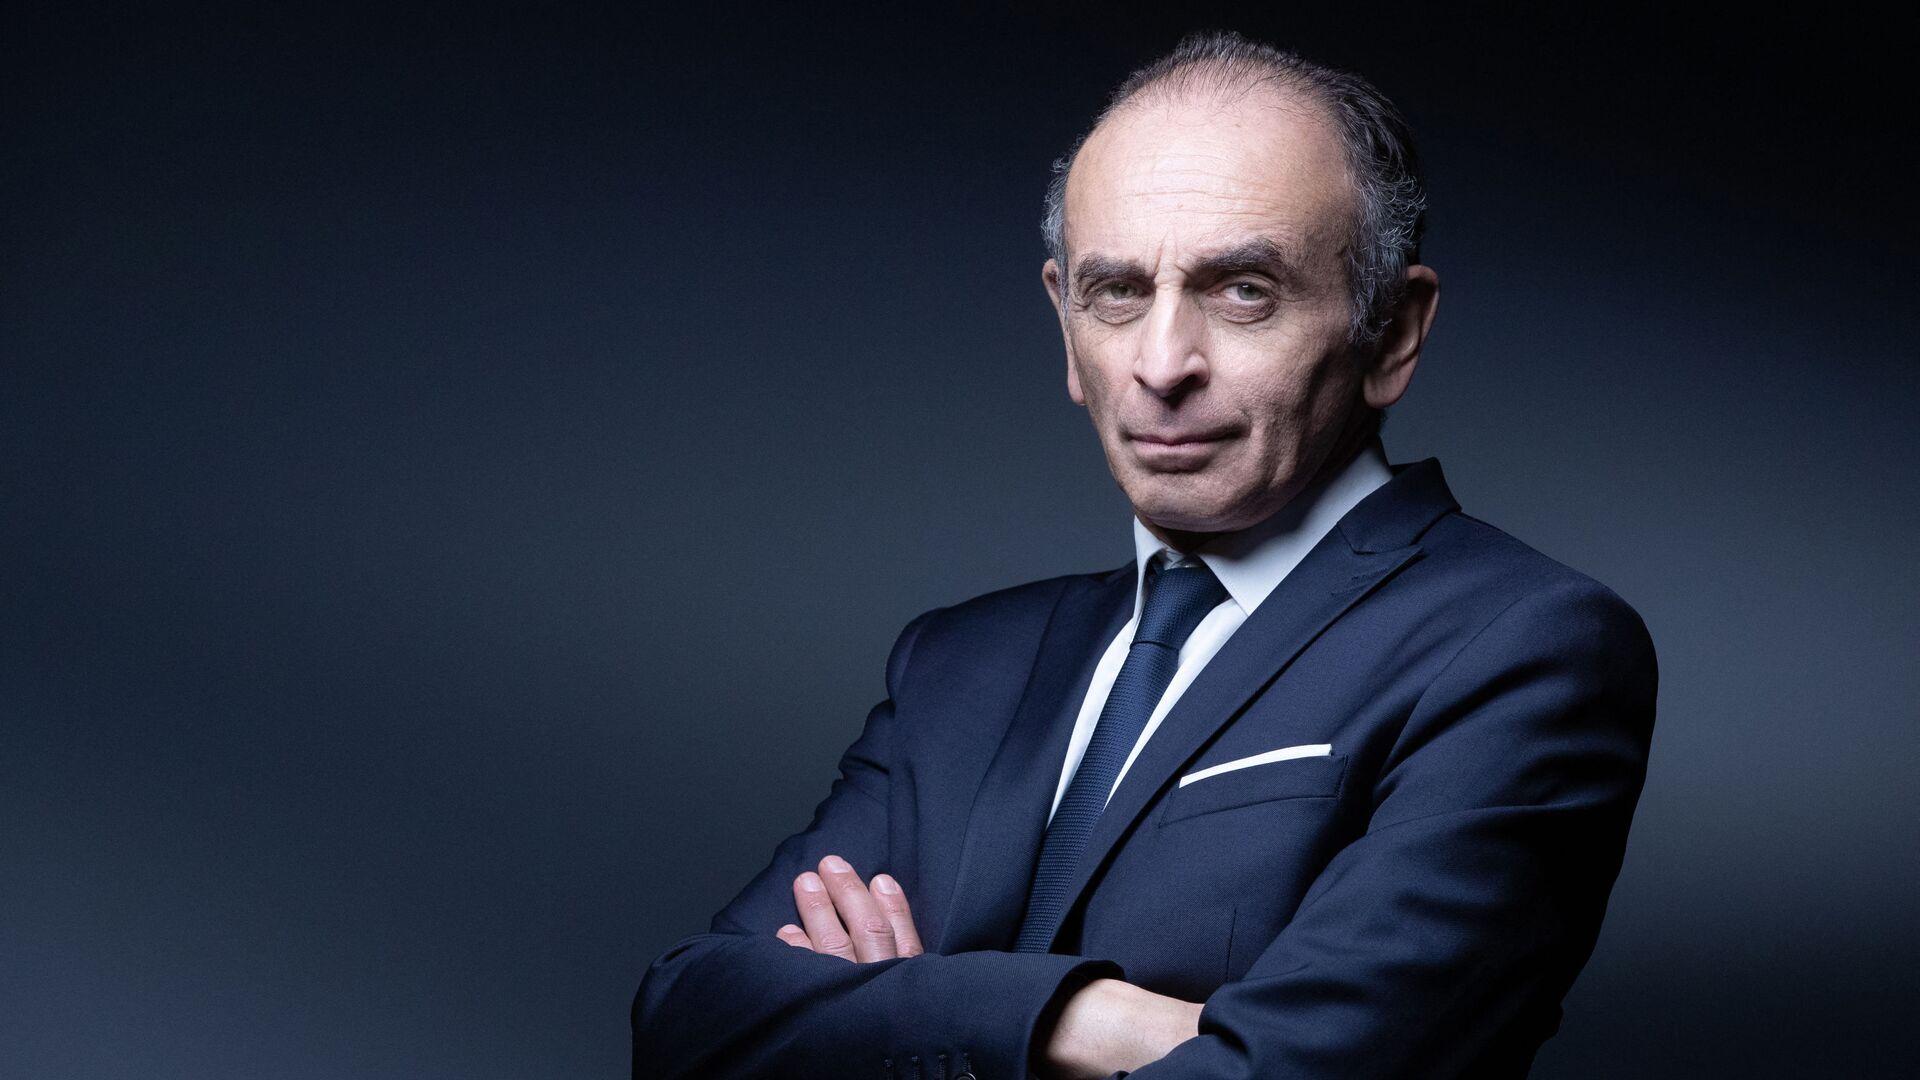 Le polémiste et écrivain Eric Zemmour, avril 2021 - Sputnik France, 1920, 07.09.2021